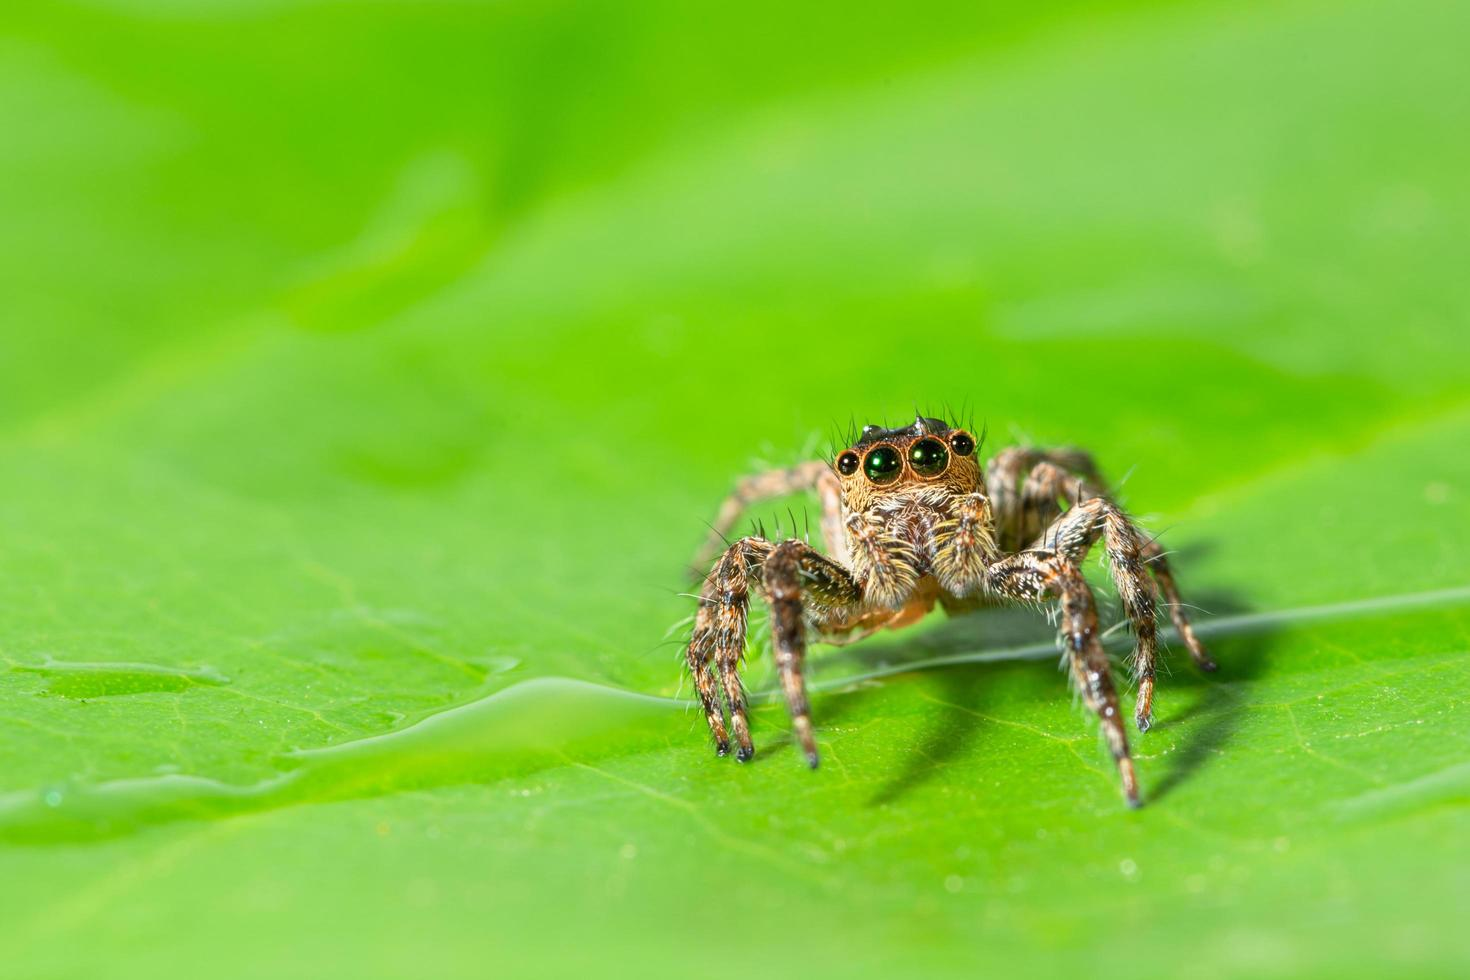 ragno marrone su una foglia verde foto